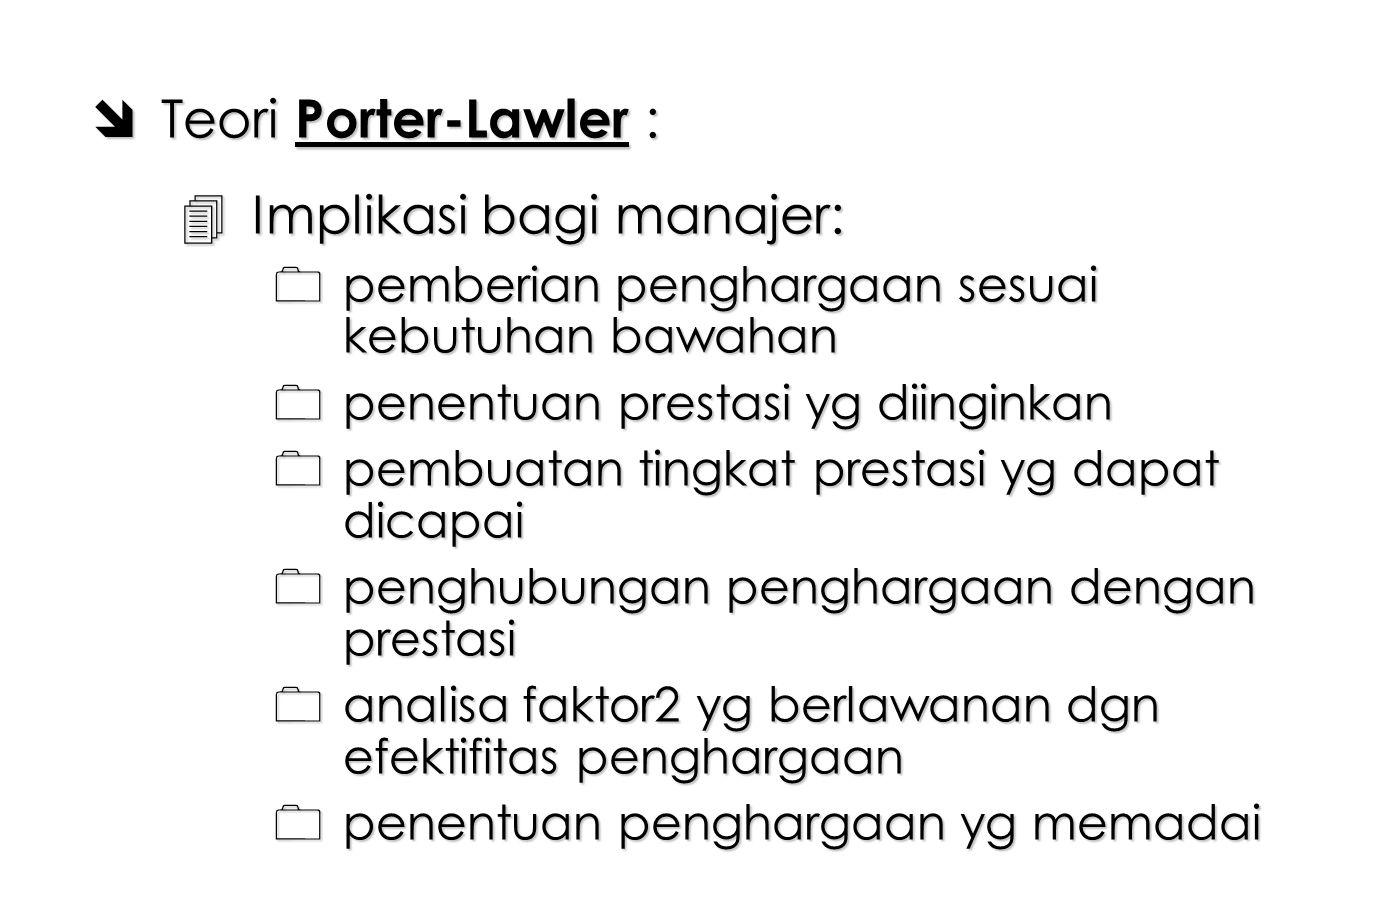 Implikasi bagi manajer: